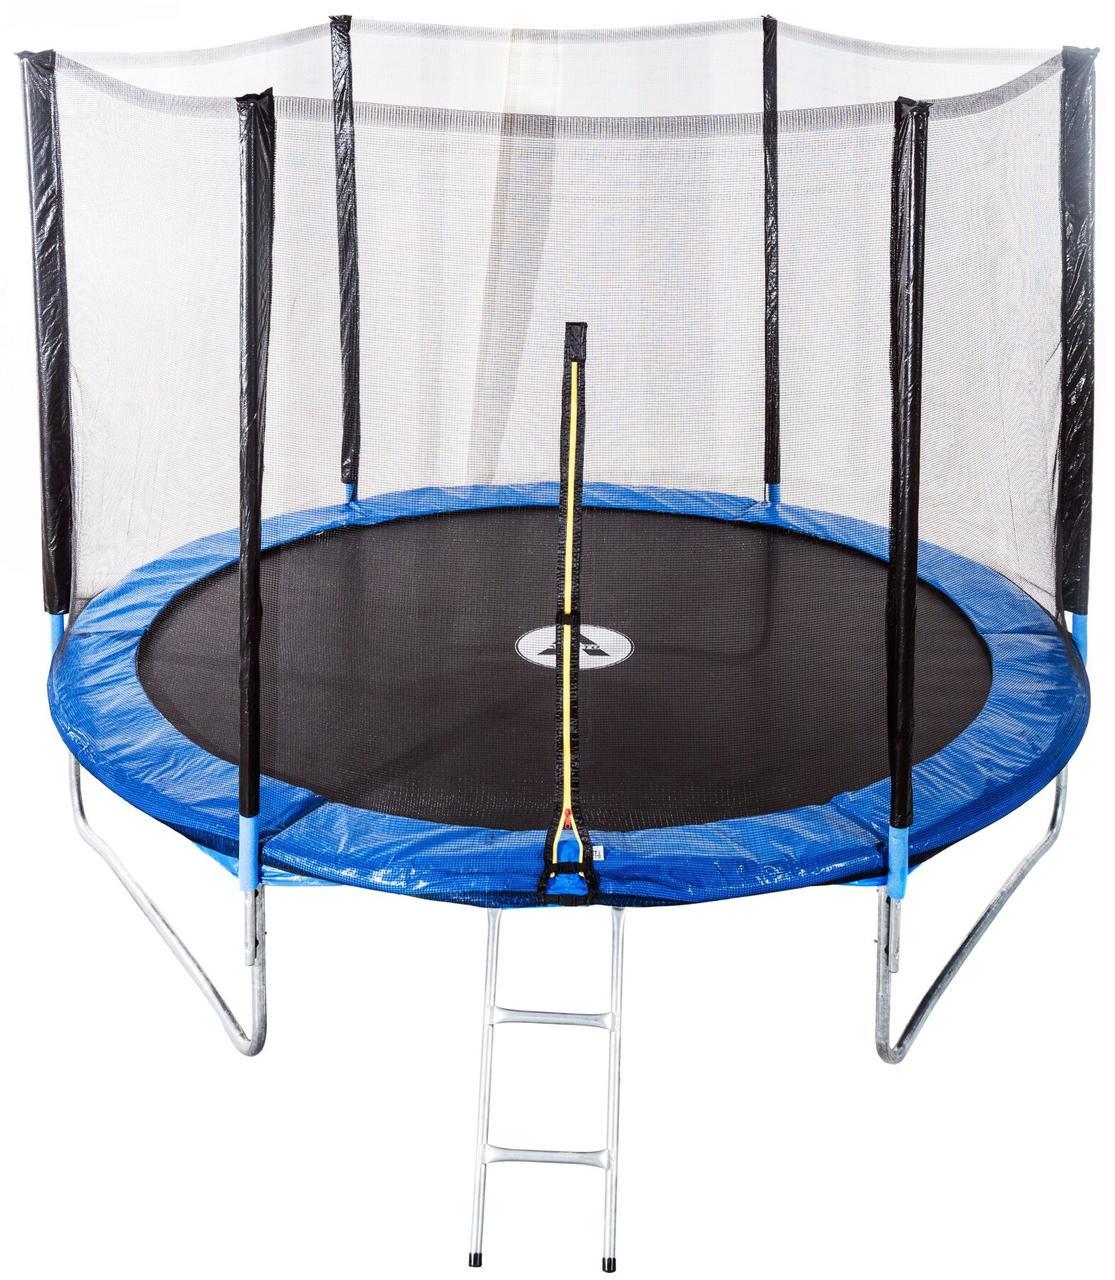 Батут диаметром 312 см оснащен 60 оцинкованными пружинами с сеткой и нагрузкой до 120 кг синий + лестница